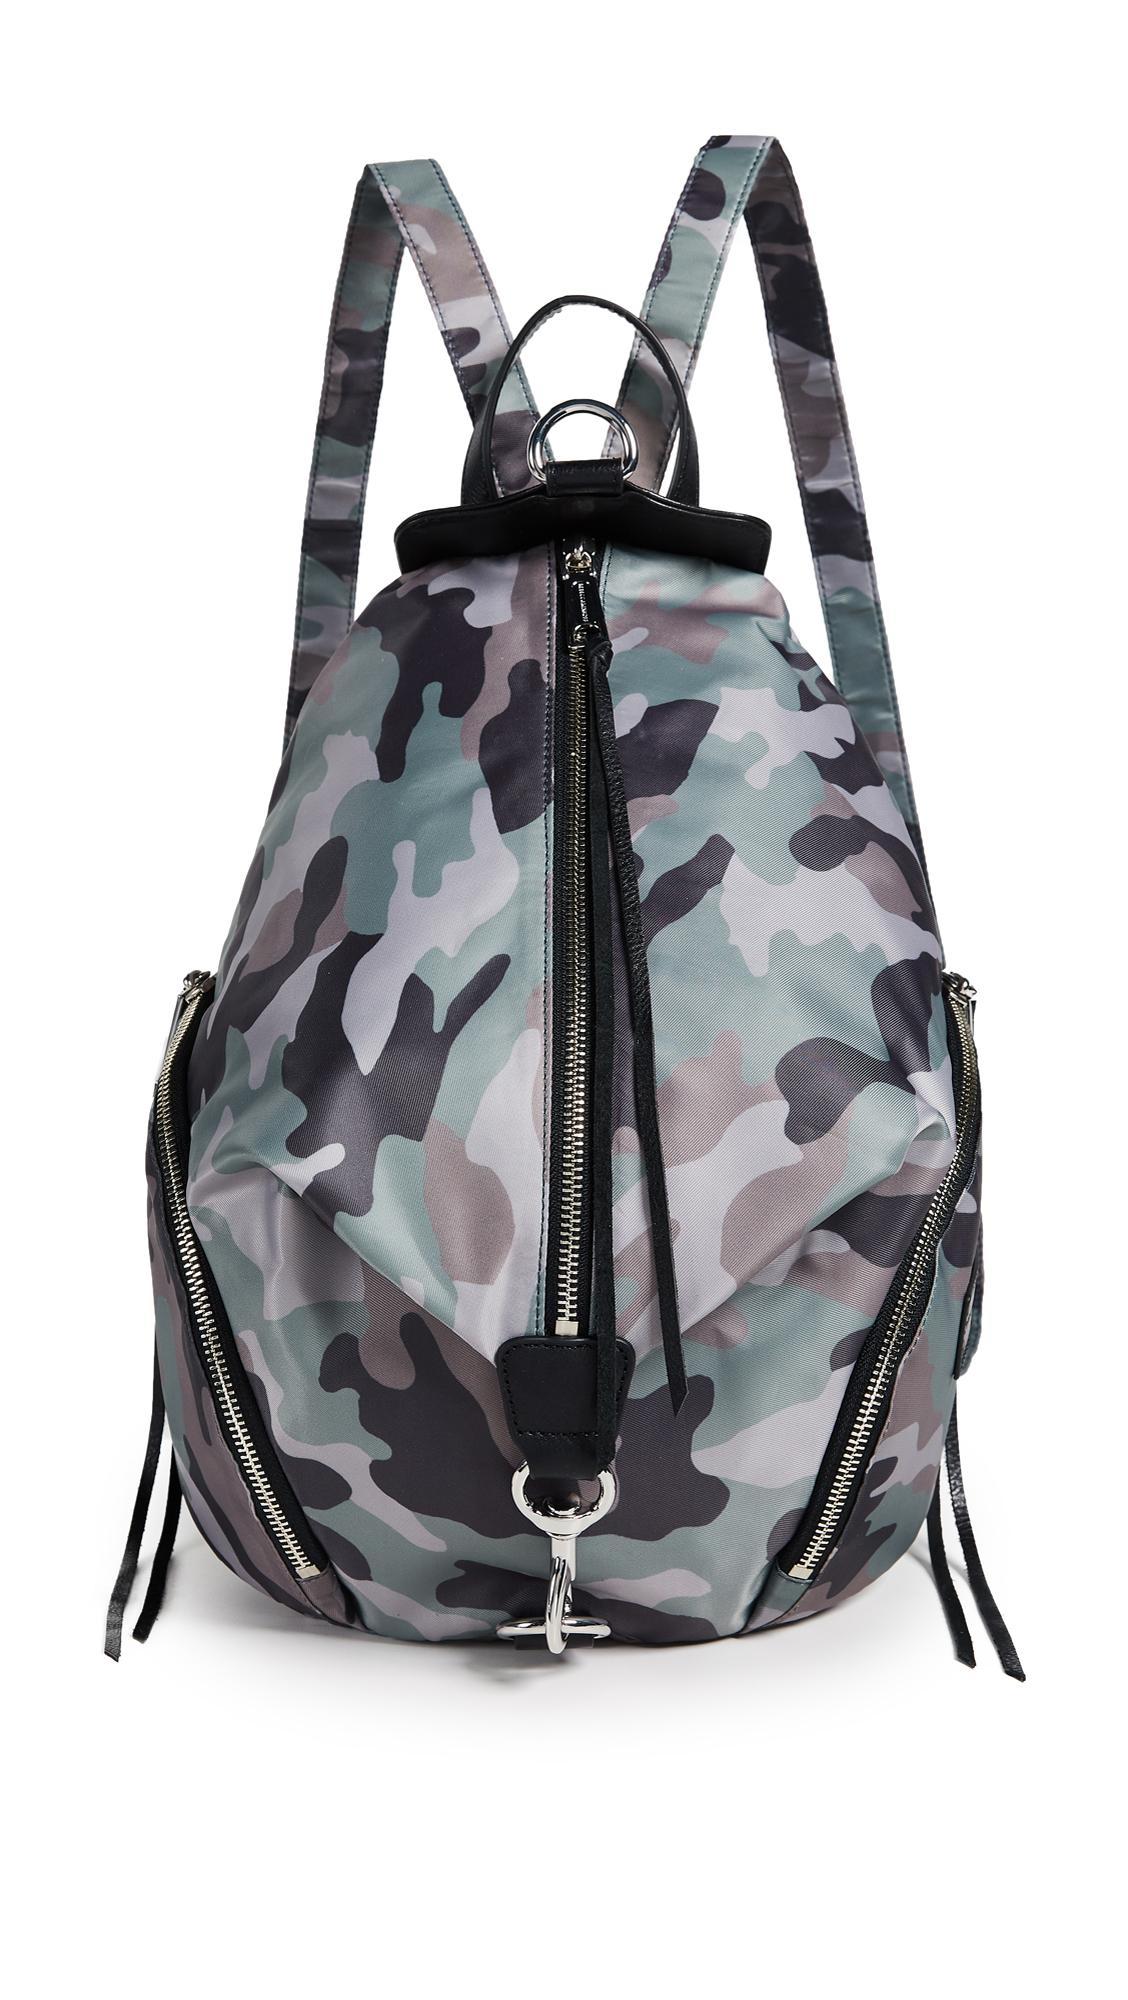 Rebecca Minkoff Nylon Julian Backpack - Camo Print